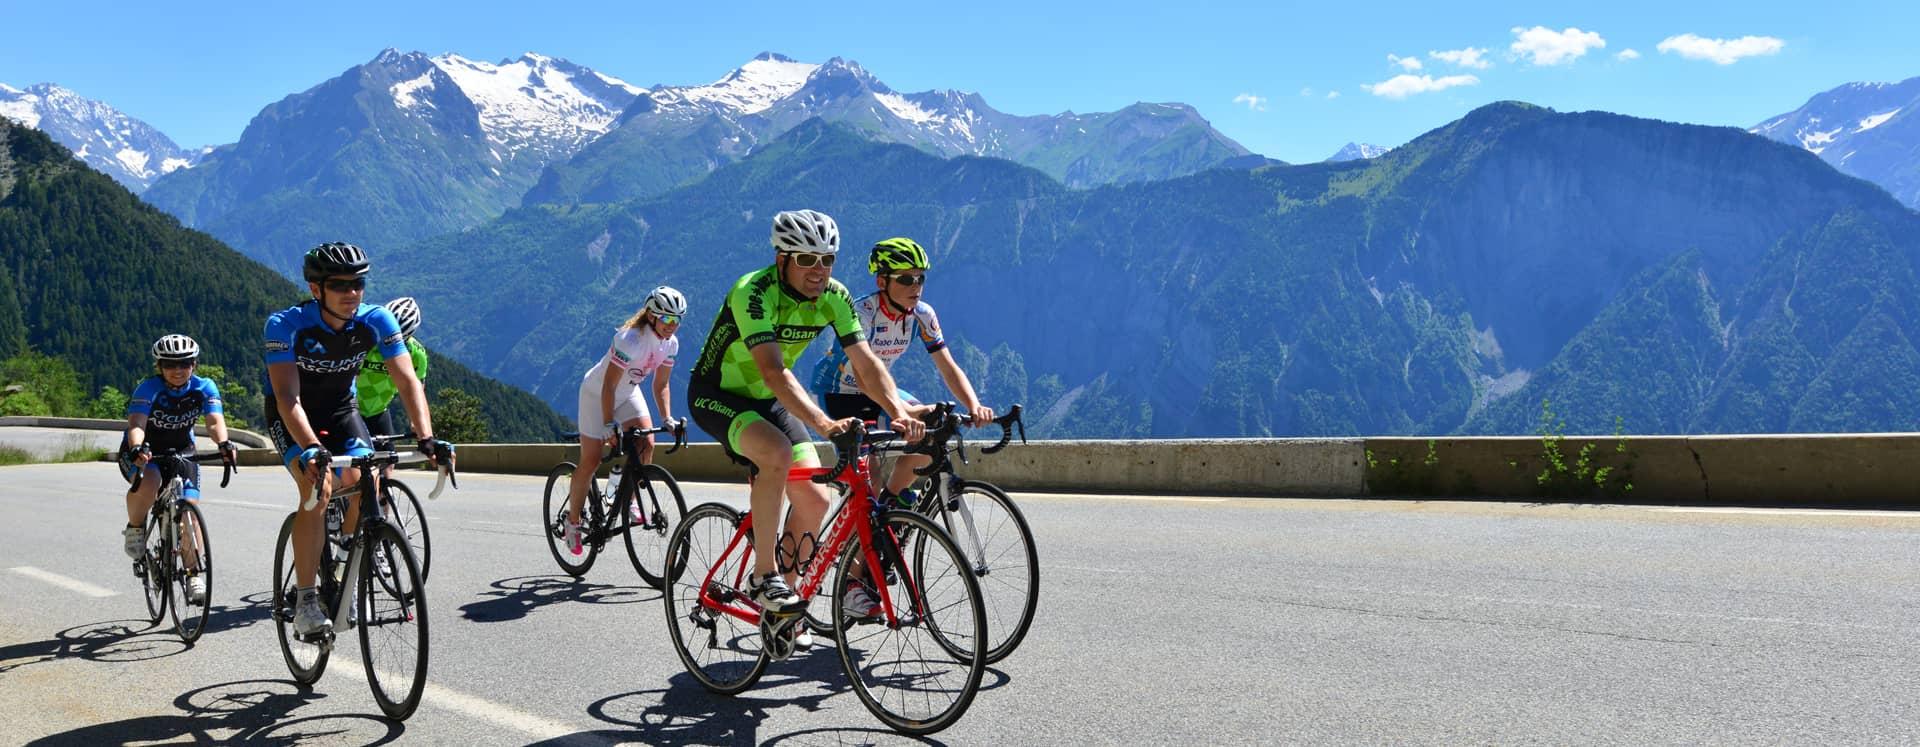 Montée de l'Alpe d'Huez à vélo